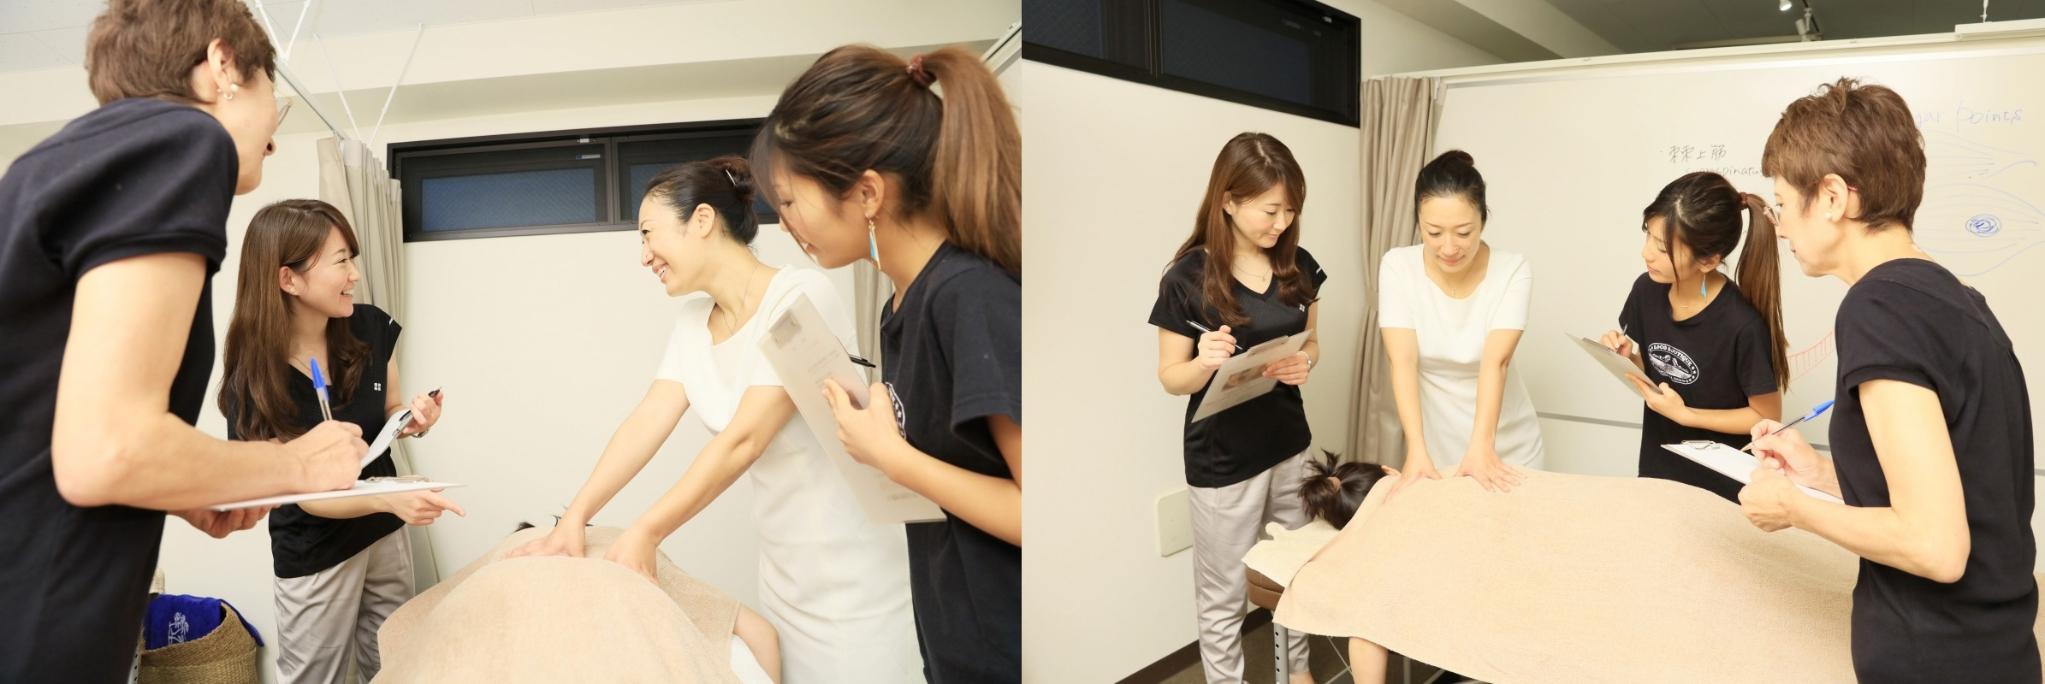 オリエンタルセラピー 東京リメディアルセラピーアカデミー